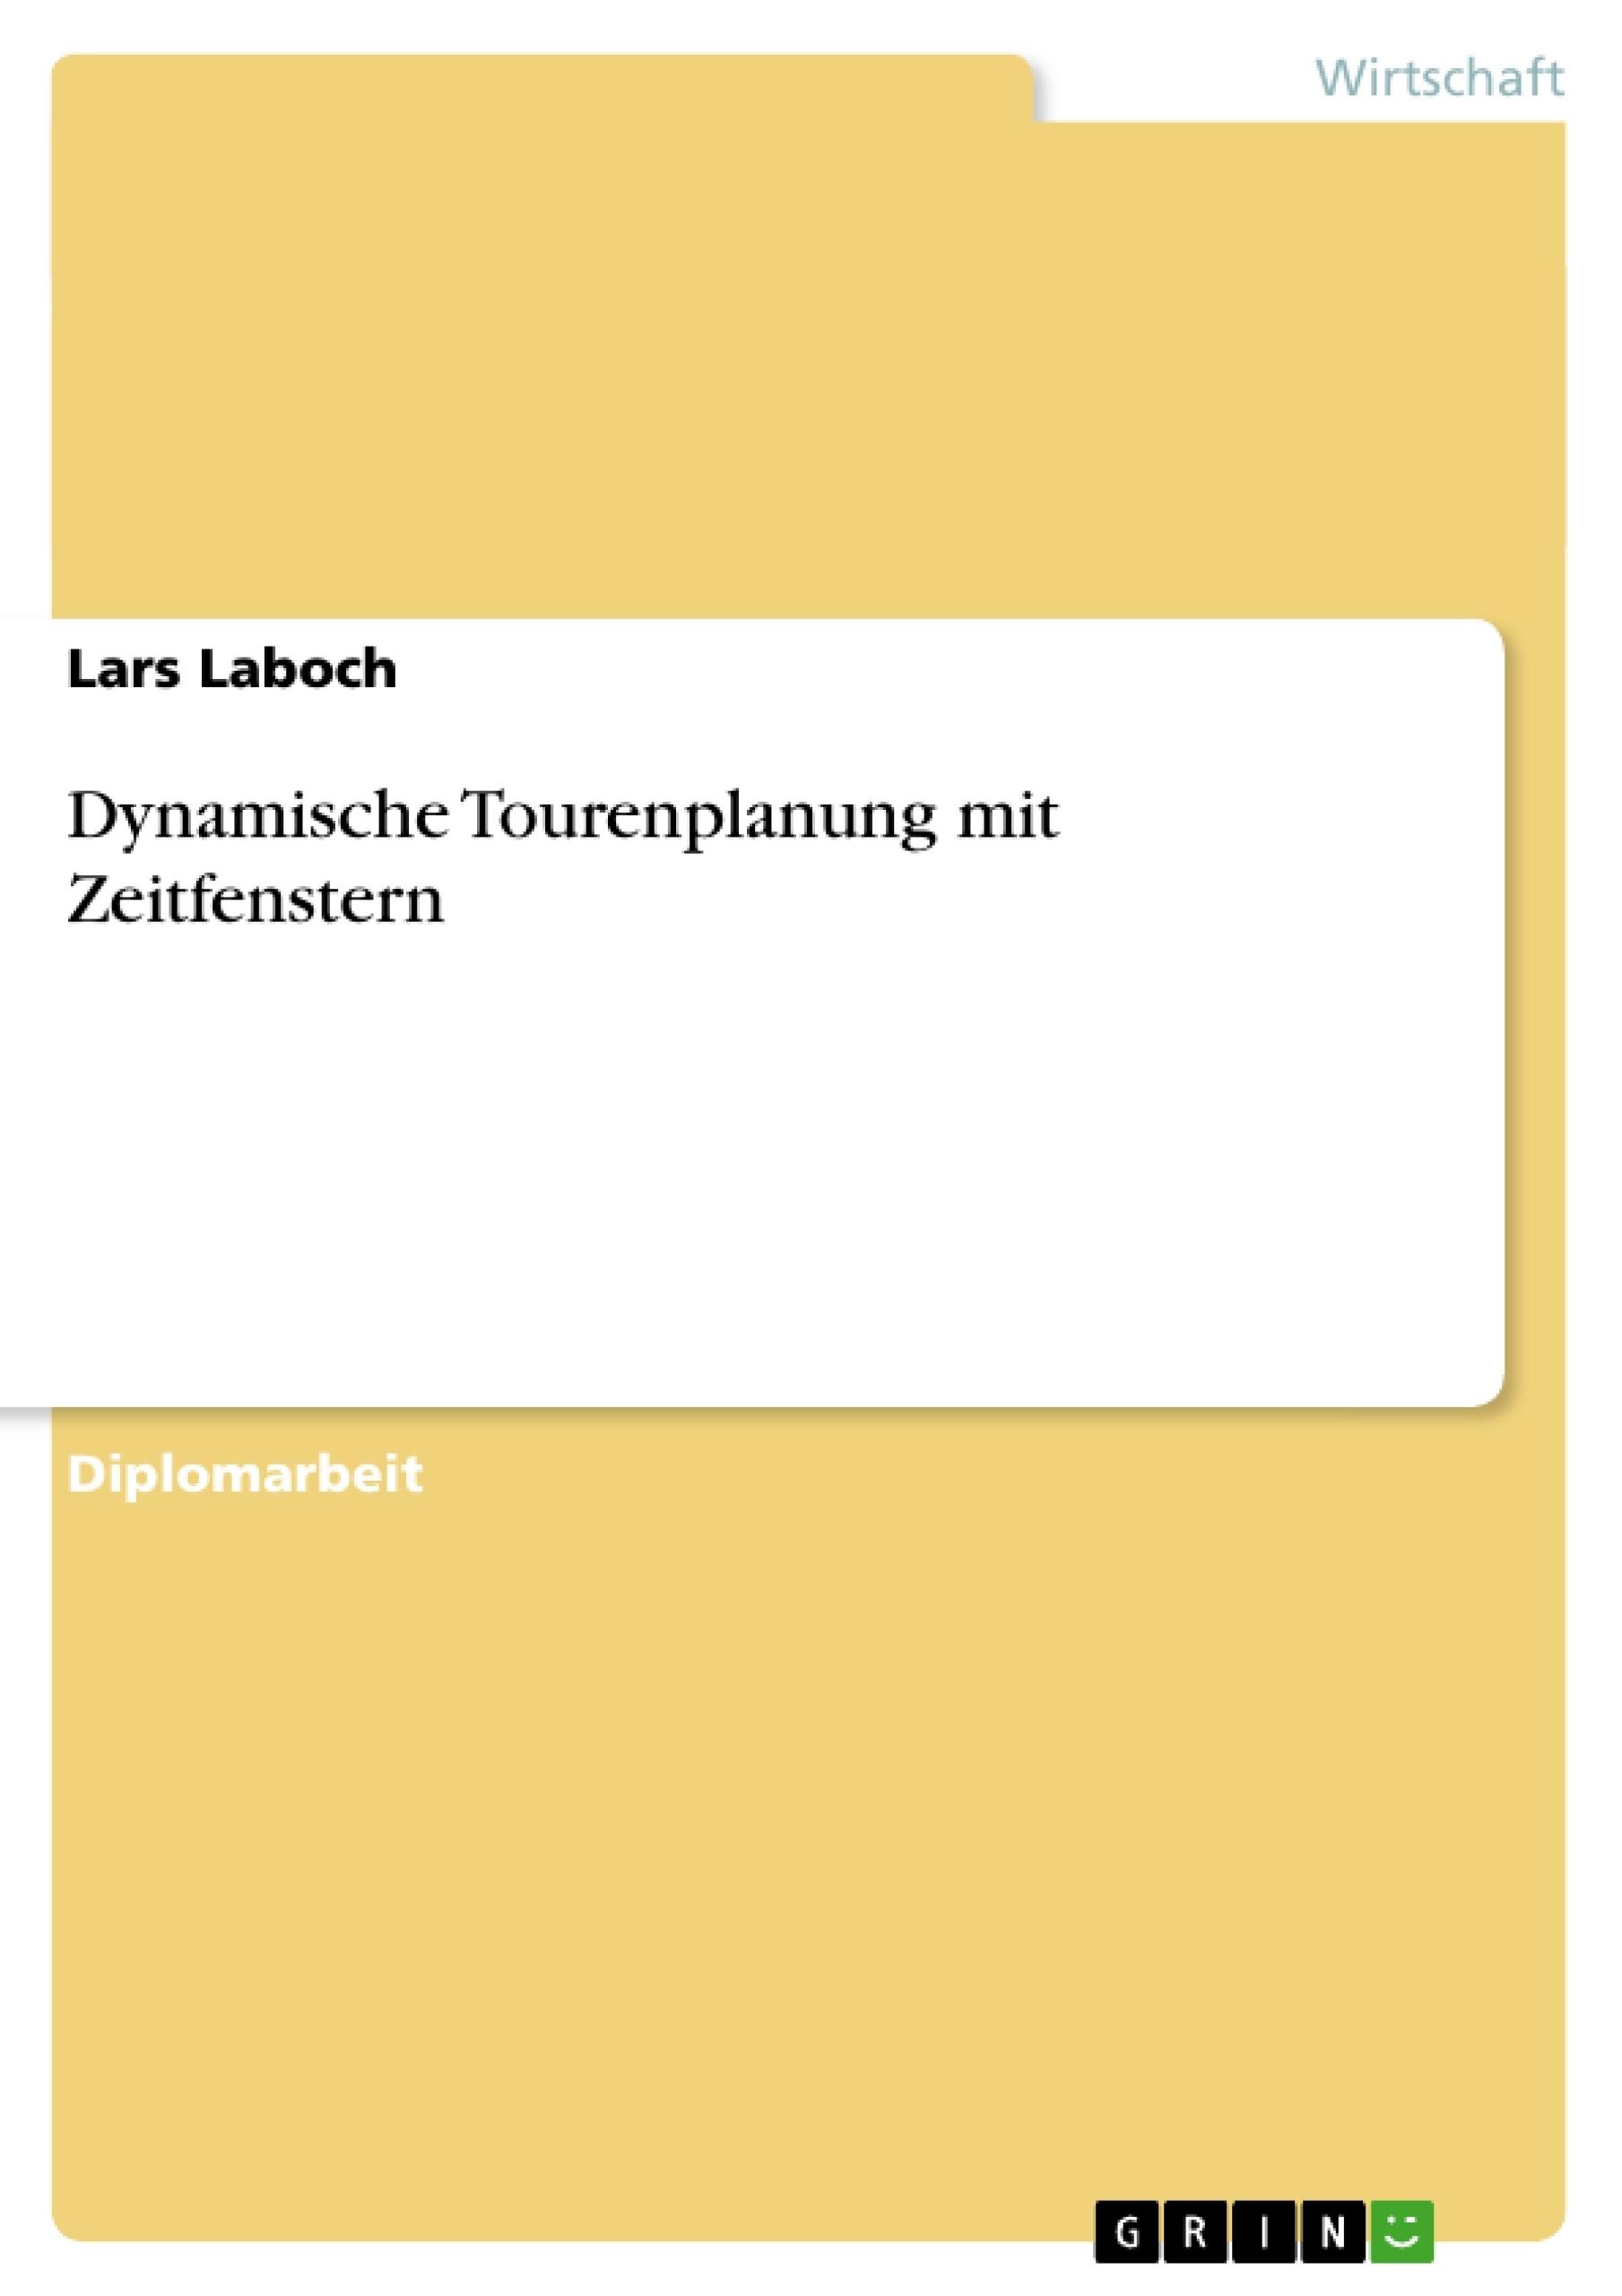 Dissertation online kostenlos